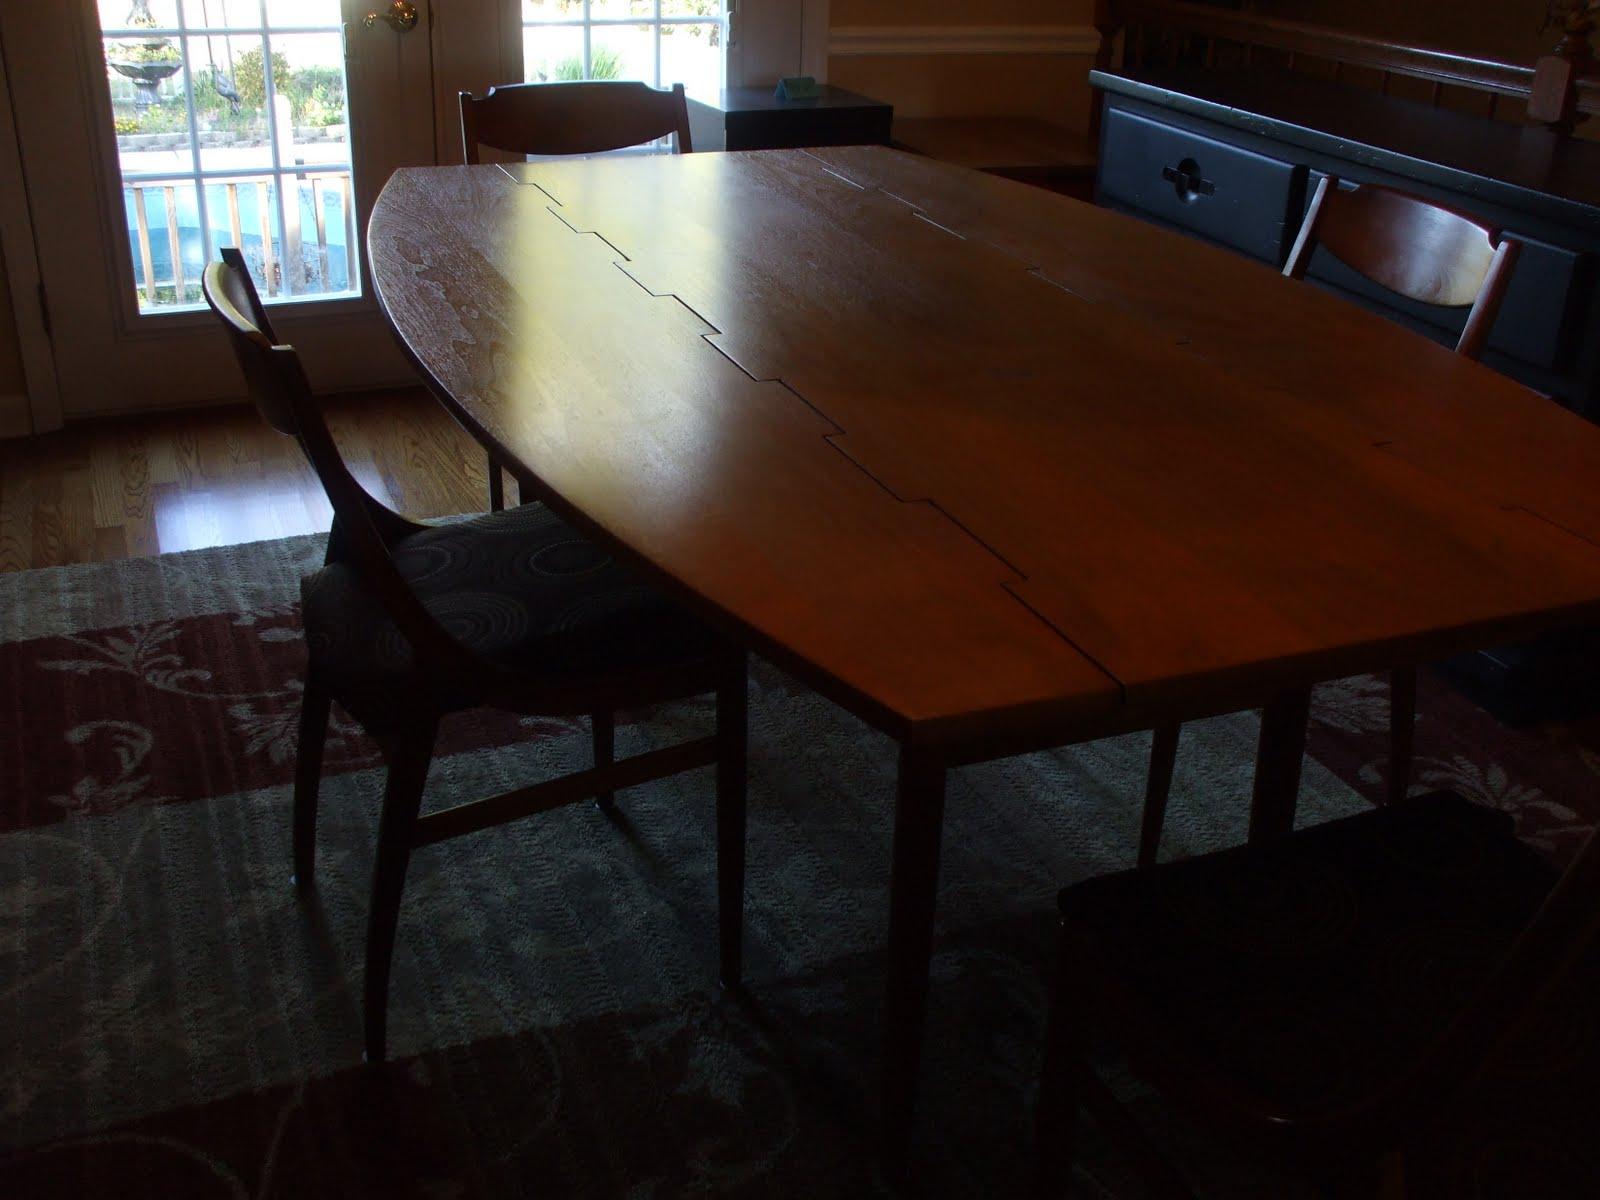 atlanta furniture by owner craigslist autos post. Black Bedroom Furniture Sets. Home Design Ideas